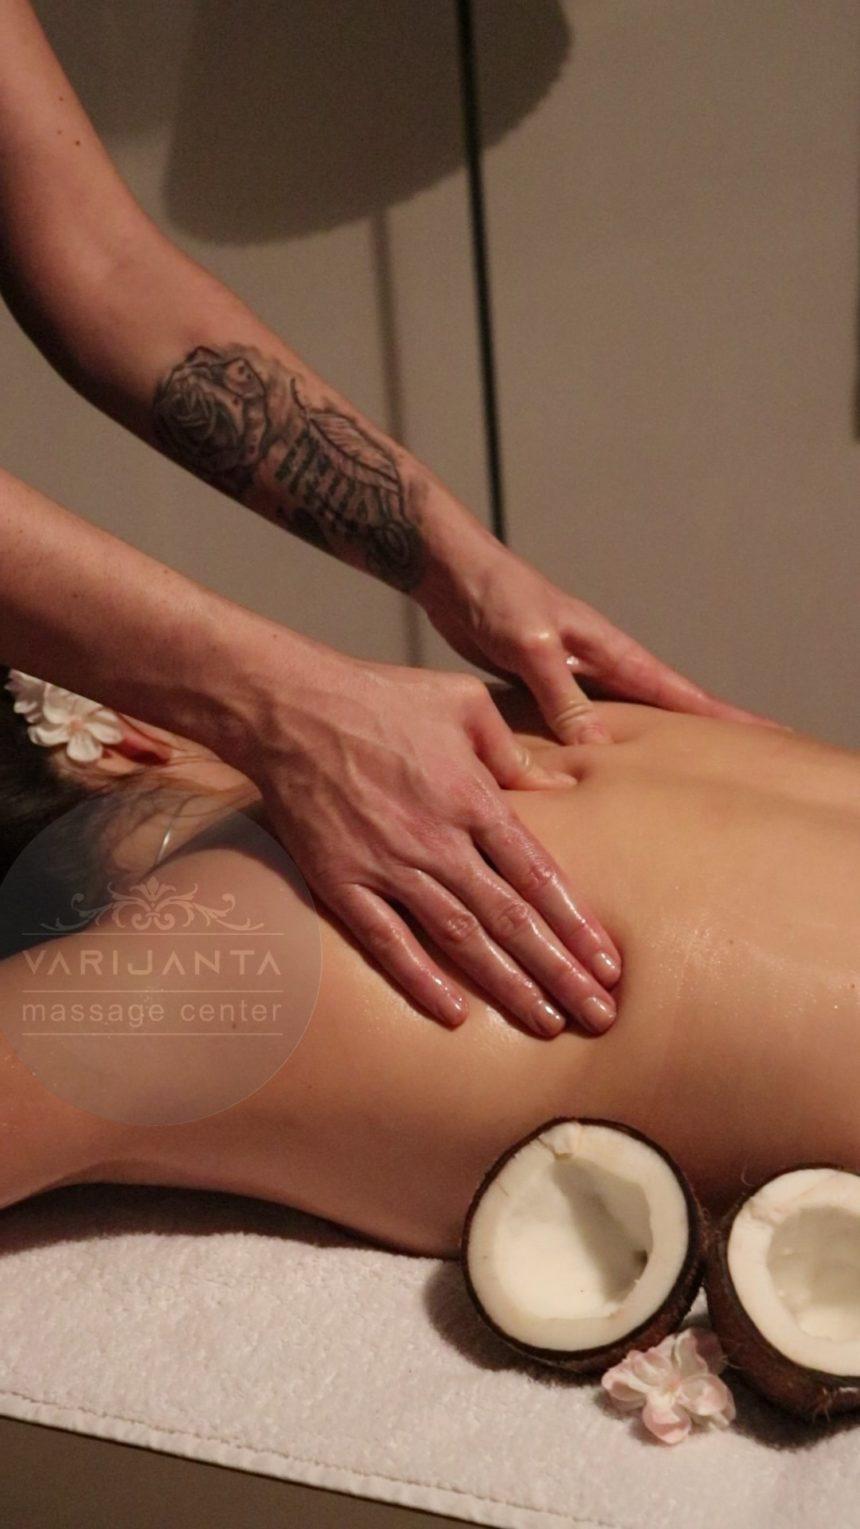 Terapeutska masaža-Stari grad-Varijanta Massage Center-Beograd